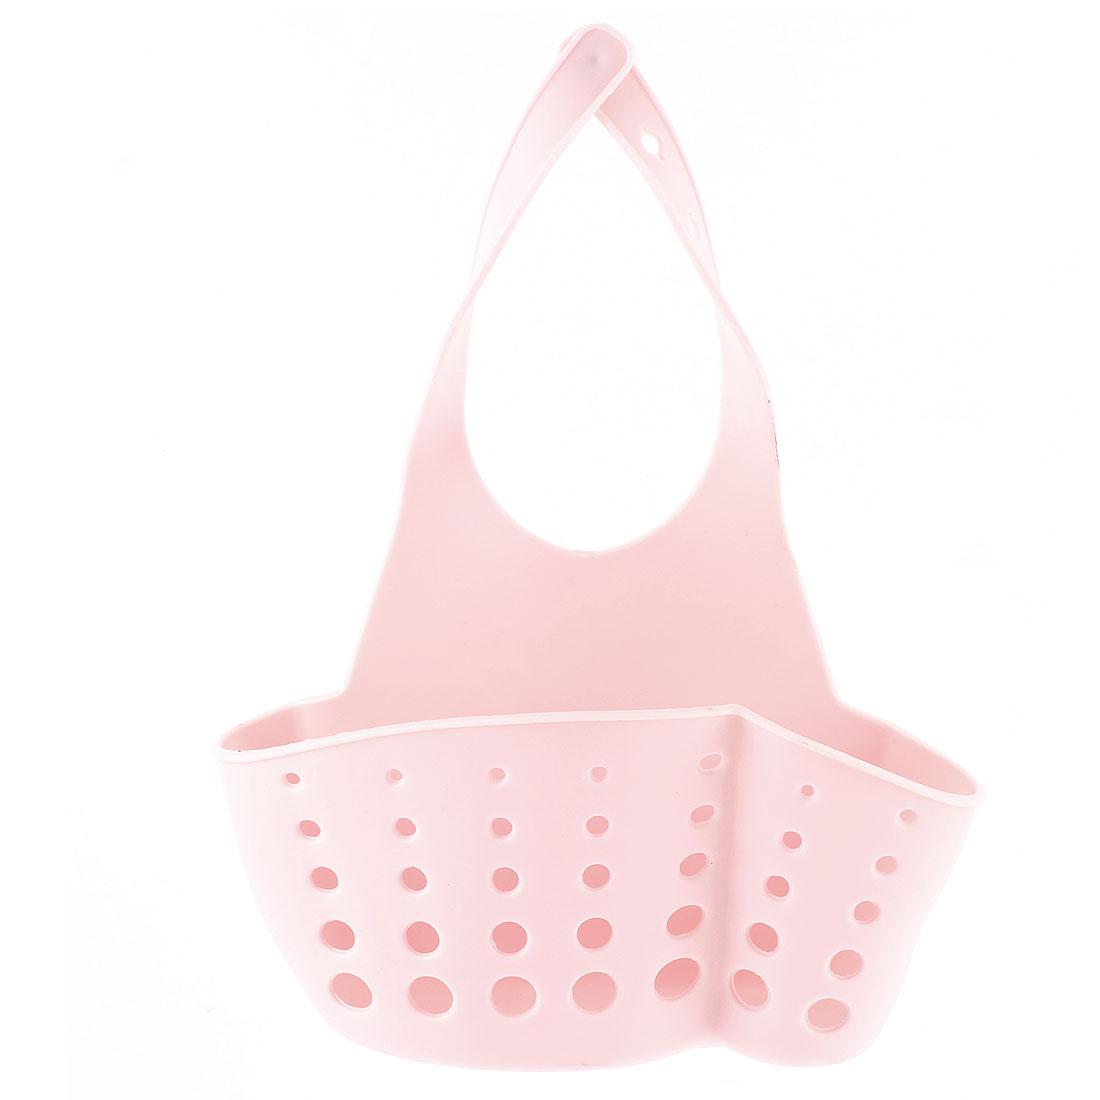 Kitchen Sink Faucet Dish Wash PVC Sponge Storage Hanger Holder Basket Pink